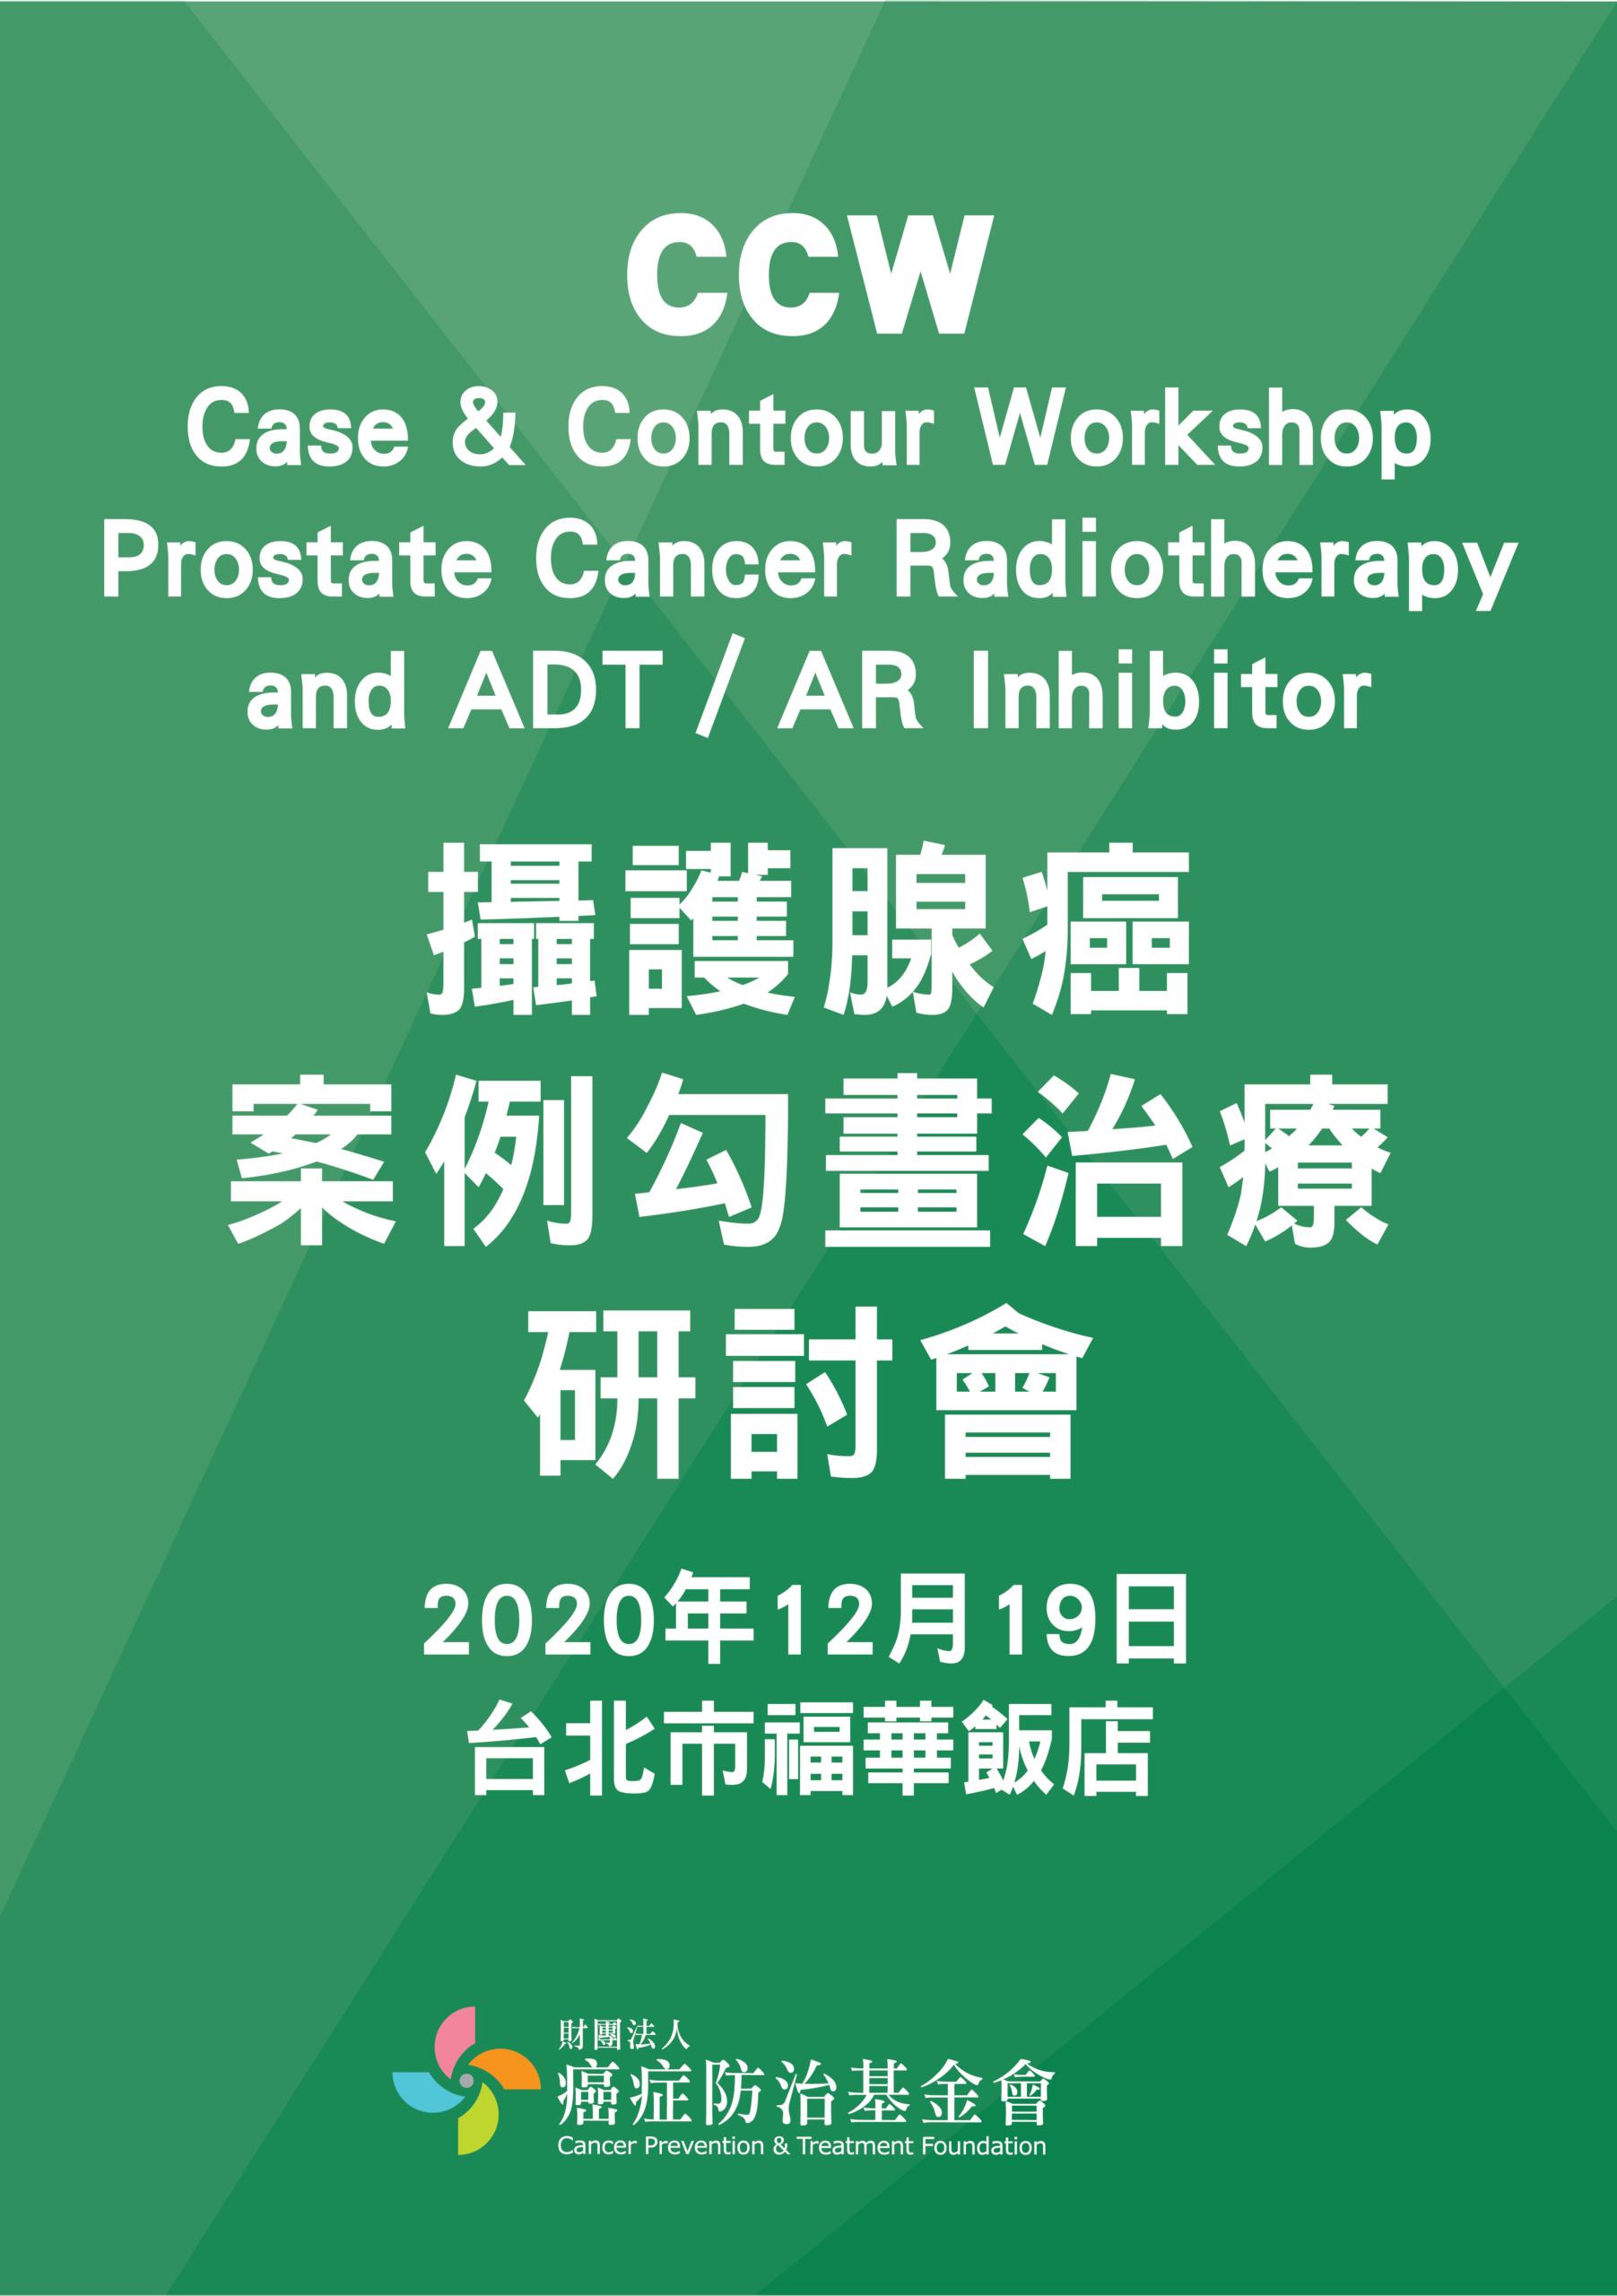 攝護腺癌放射腫瘤Case & Contour Workshop